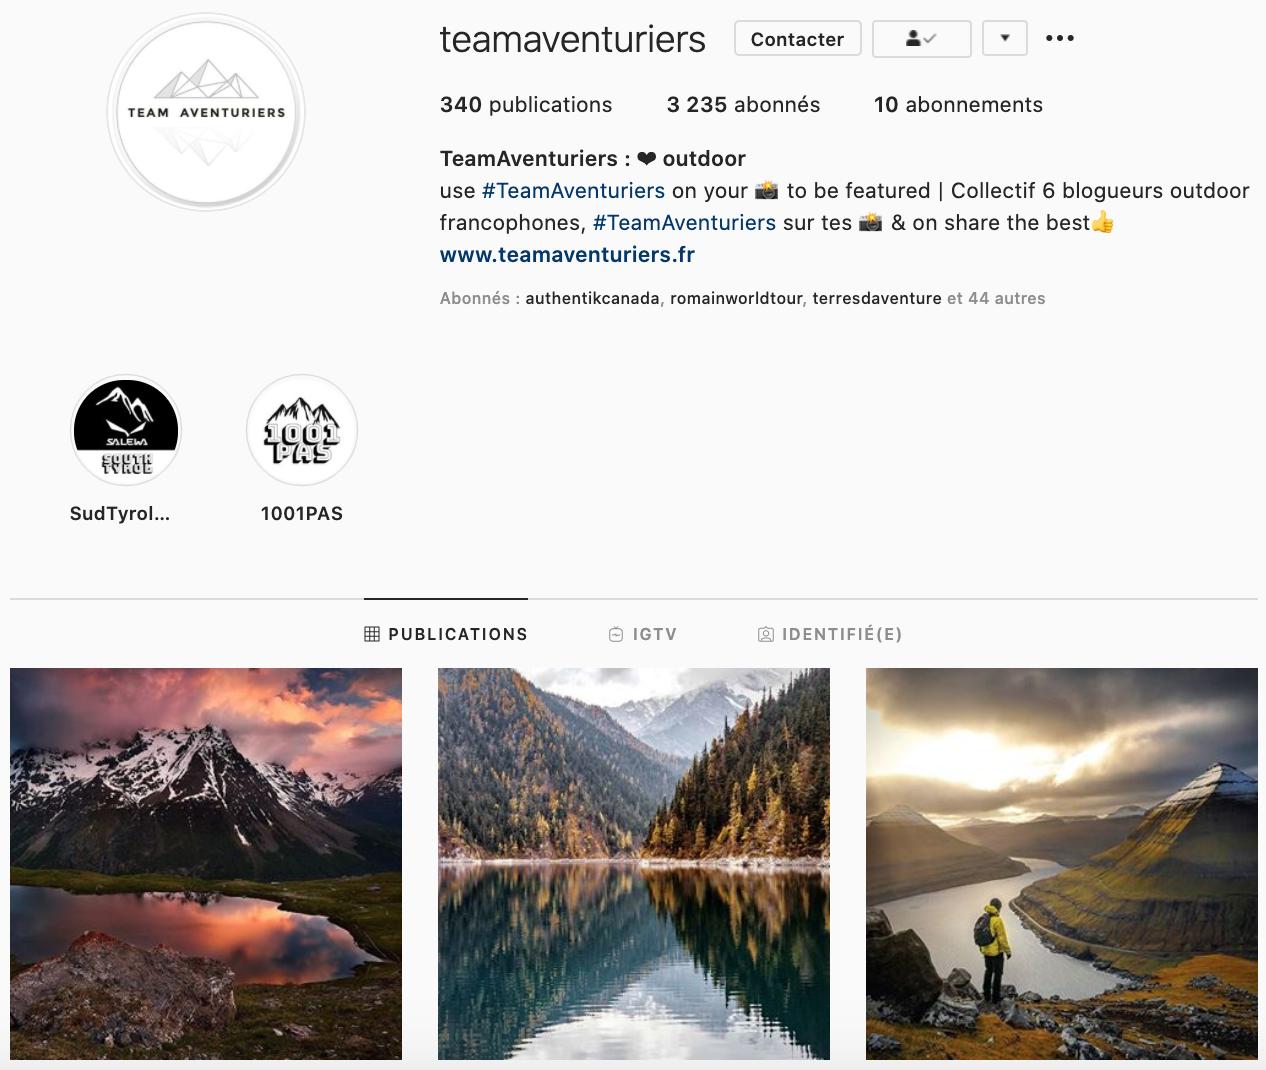 Team Aventuriers - photos de paysages